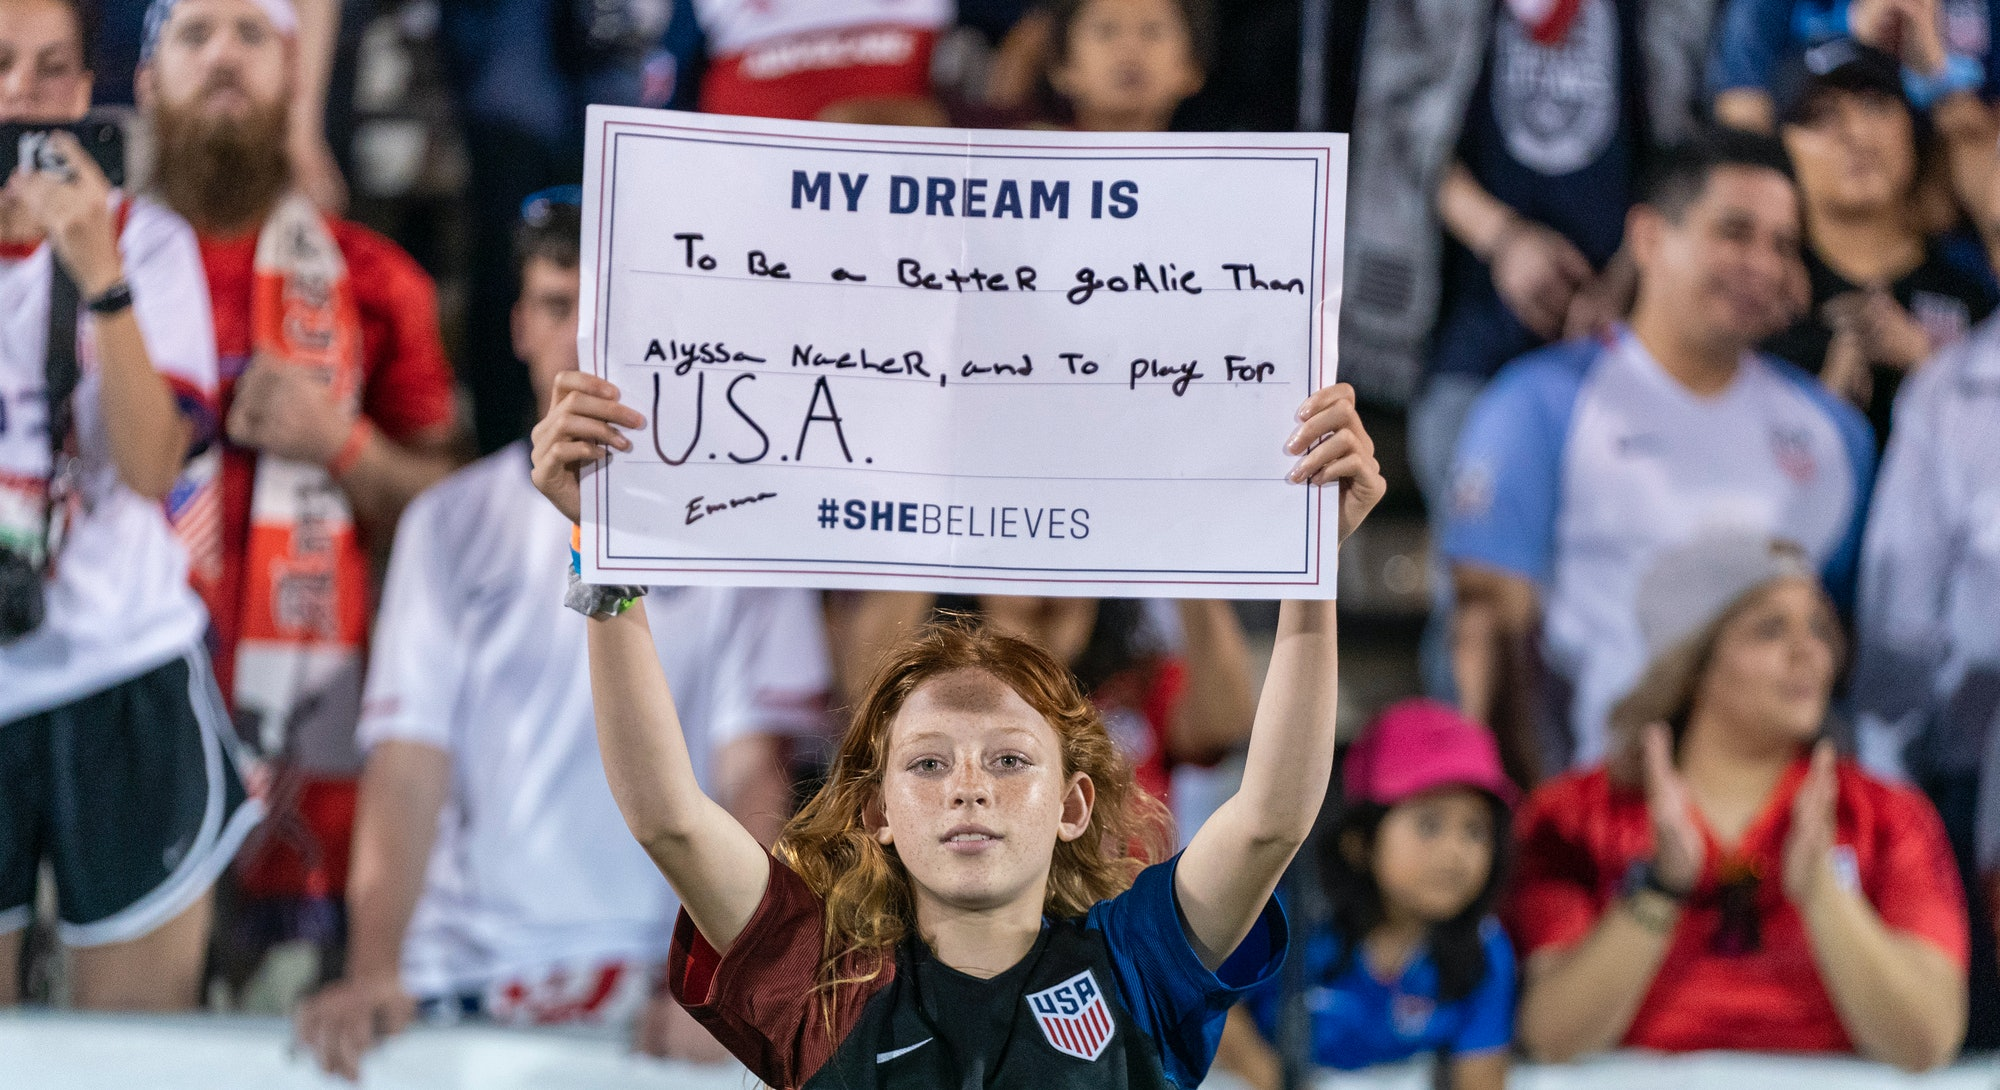 A fan of the U.S. women's national soccer team